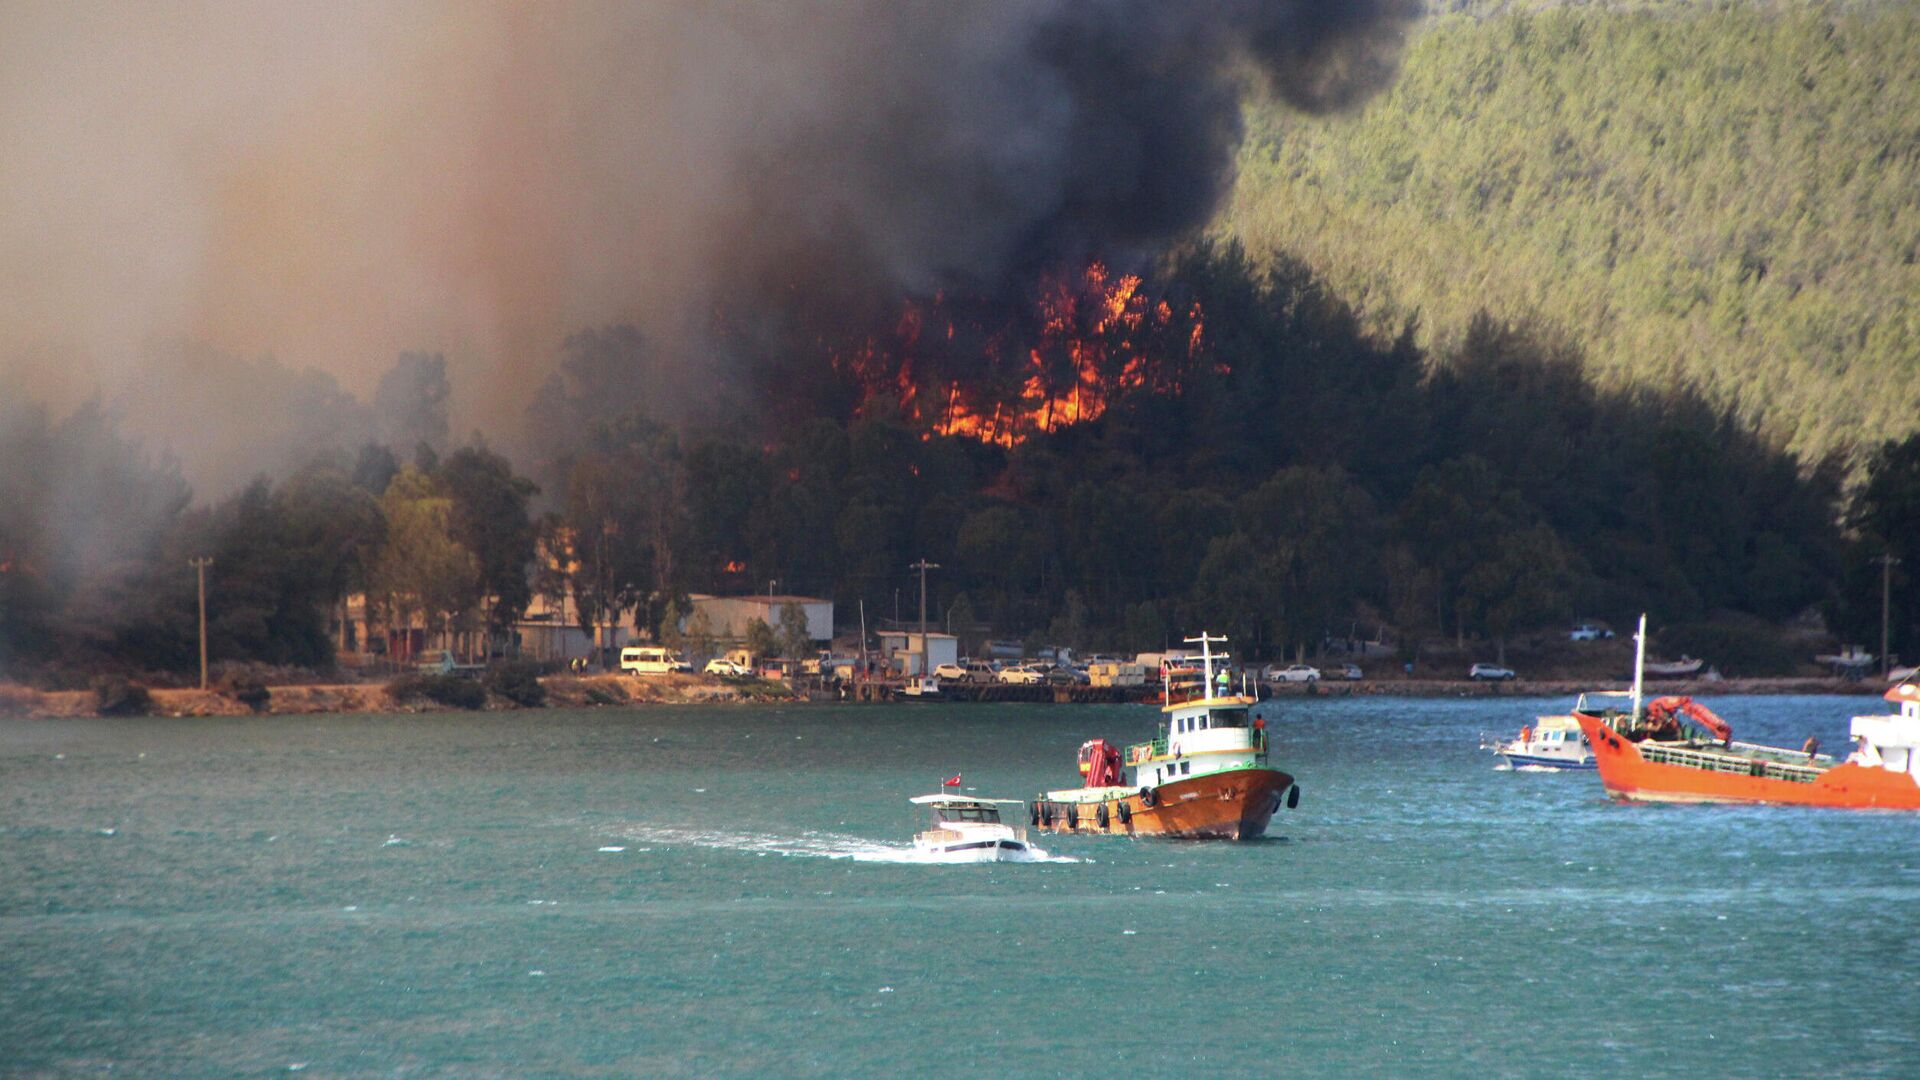 Дым поднимается от лесного пожара в прибрежном городе Бодрум, Турция - РИА Новости, 1920, 02.08.2021